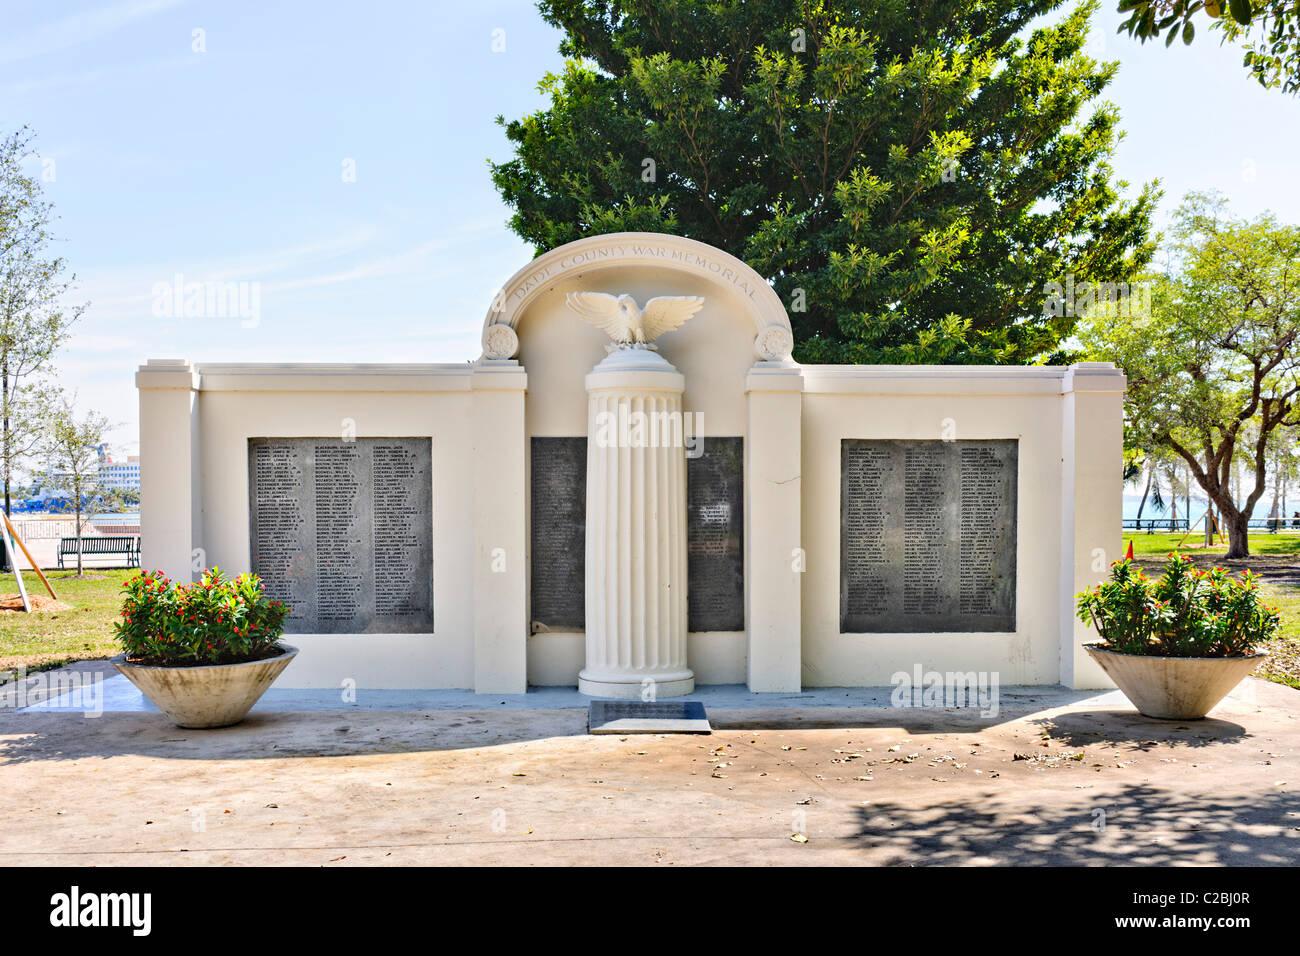 Dade County war memorial, bayfront park, Miami - Stock Image